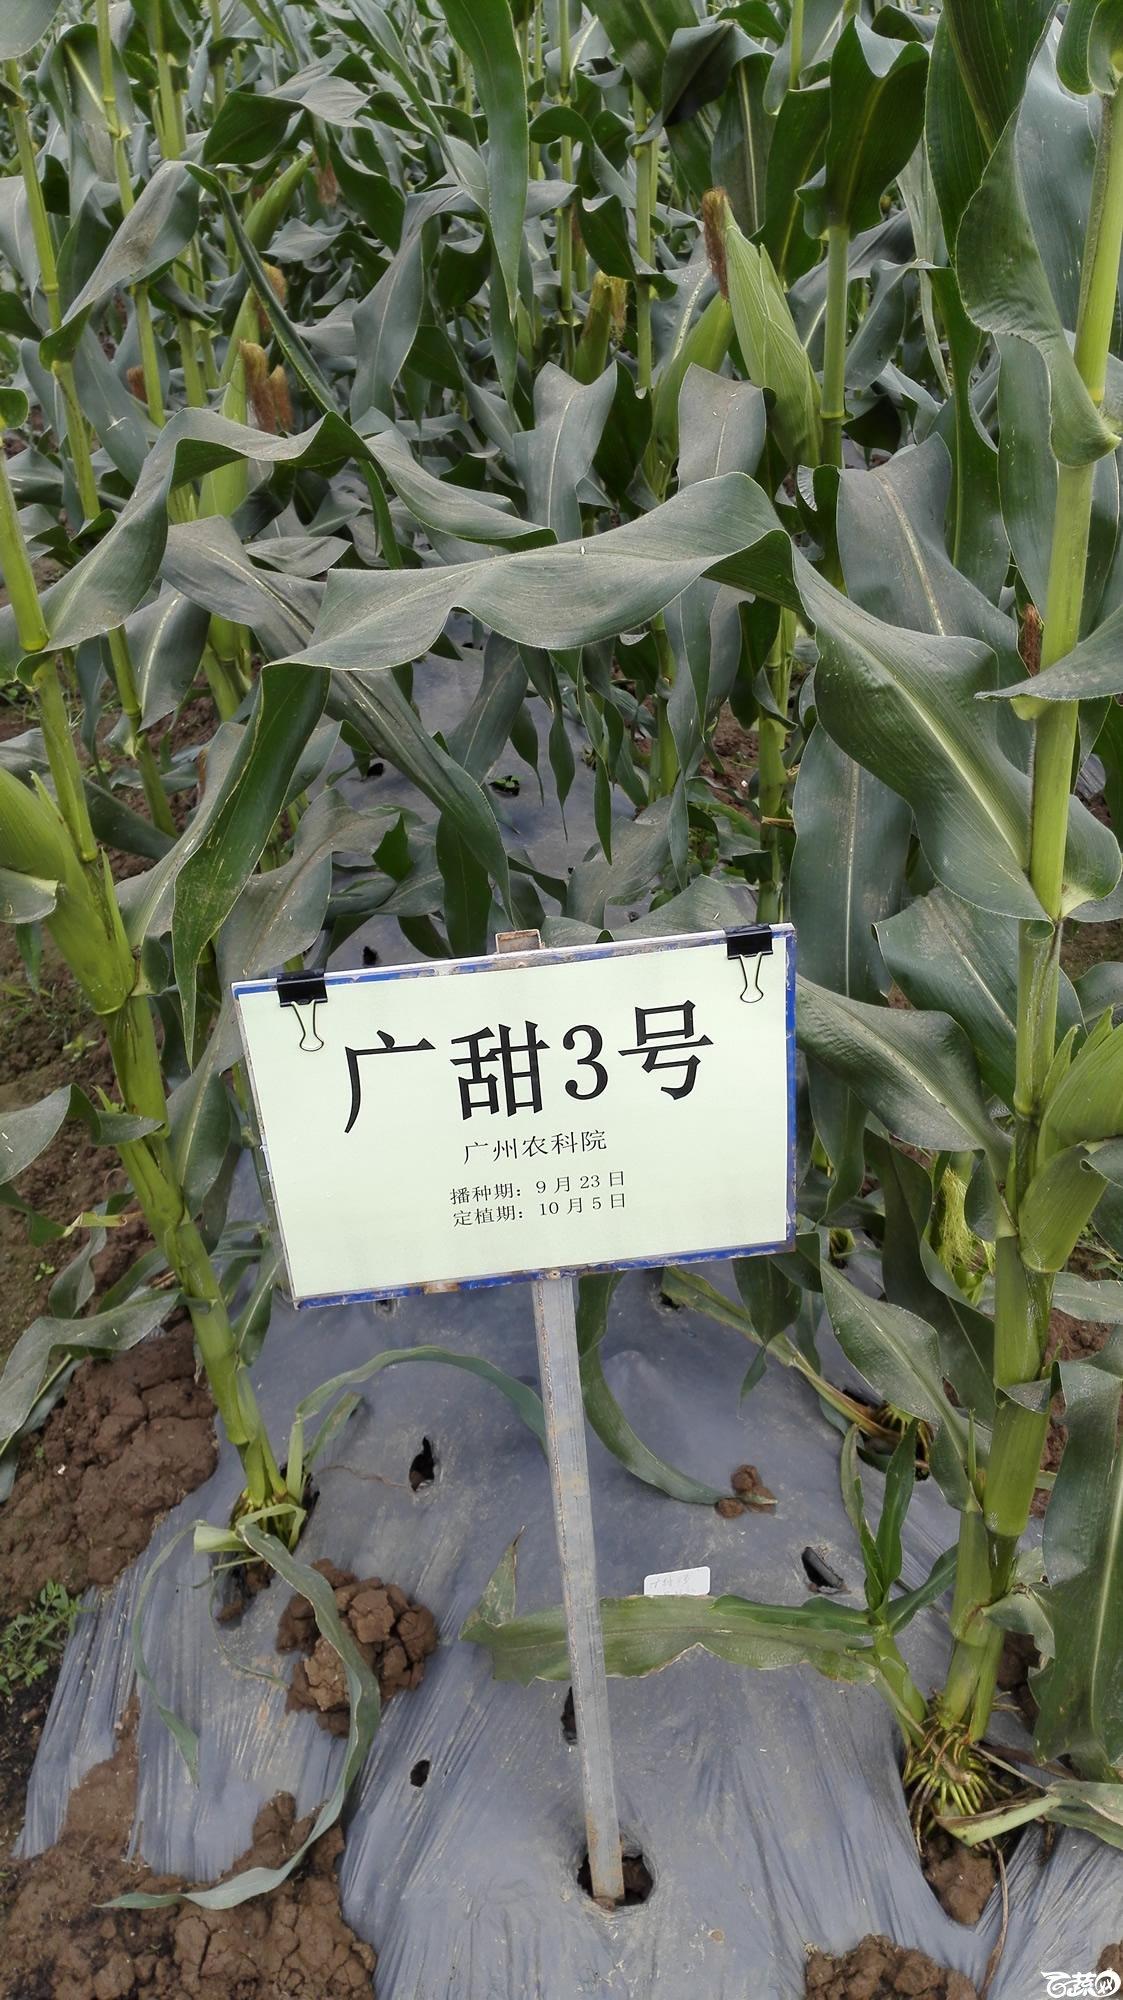 2014年12月8号中山蔬菜新品种展示会_甜玉米_212.jpg